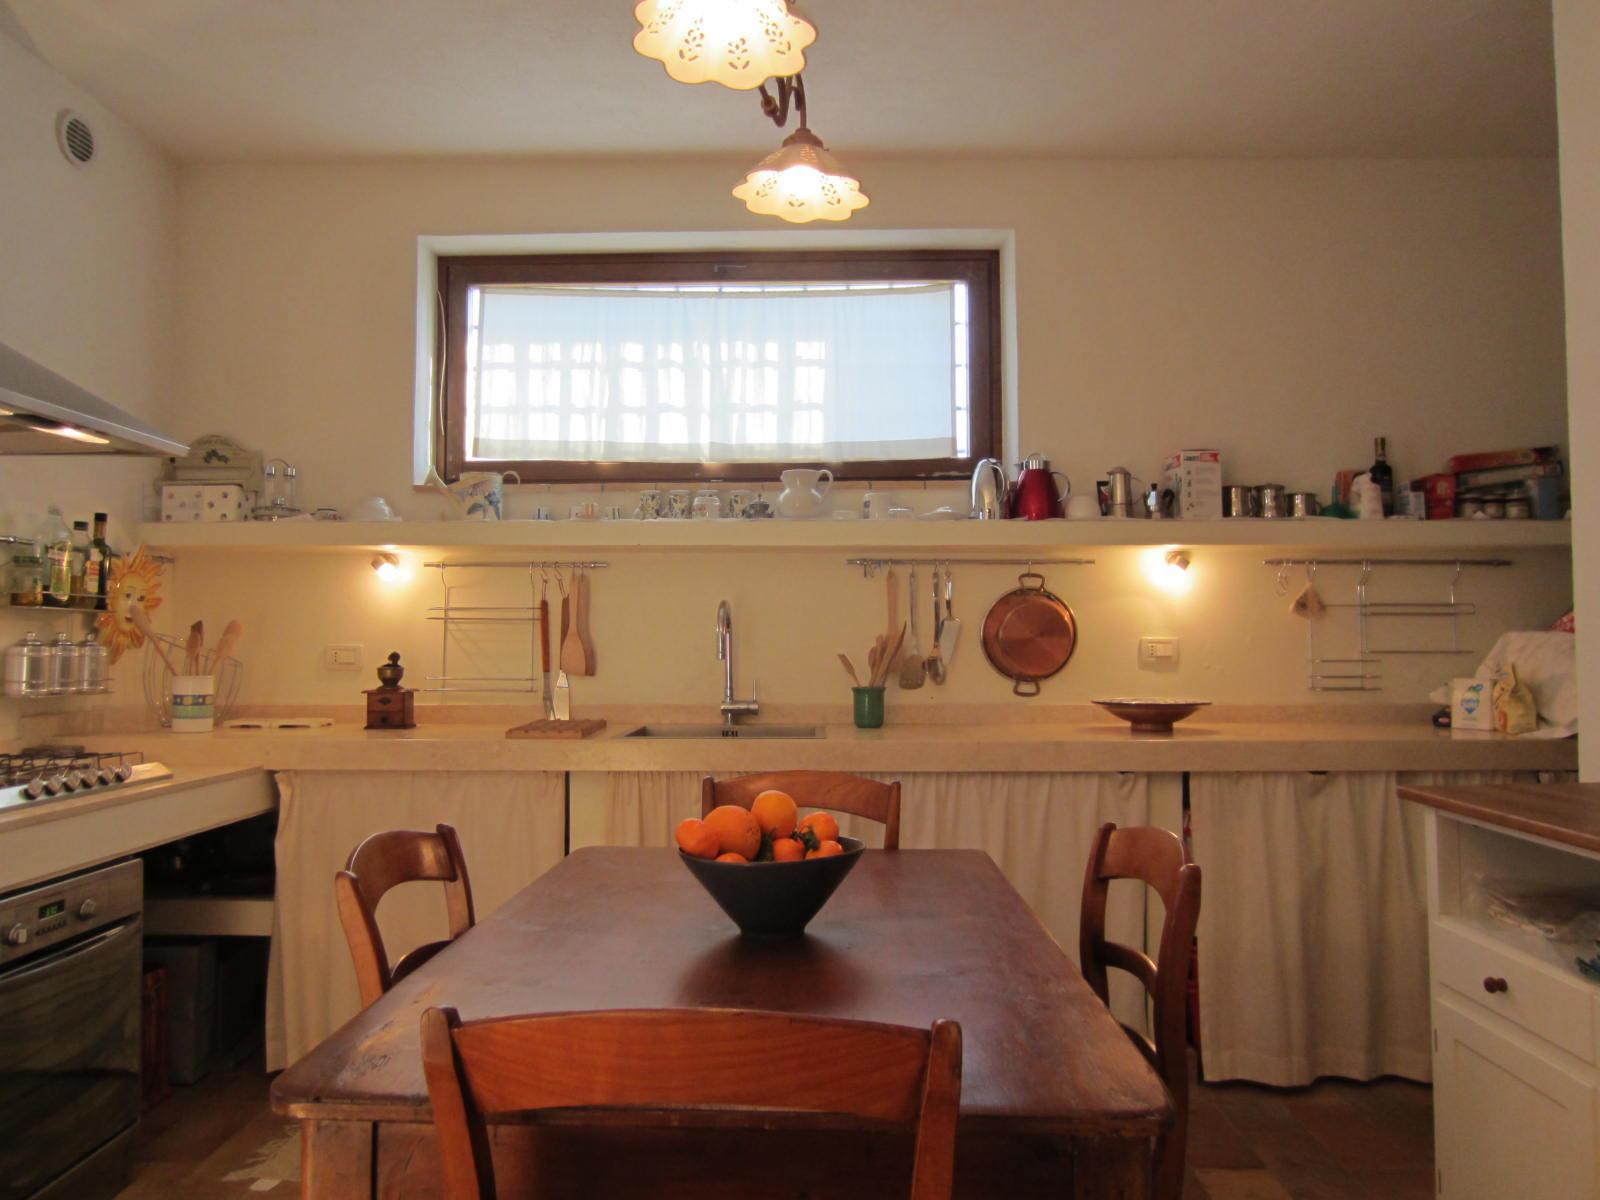 affitto villa campagna calvi dell umbria 8263 (20161106171150-2016-13198-NDP.JPG)